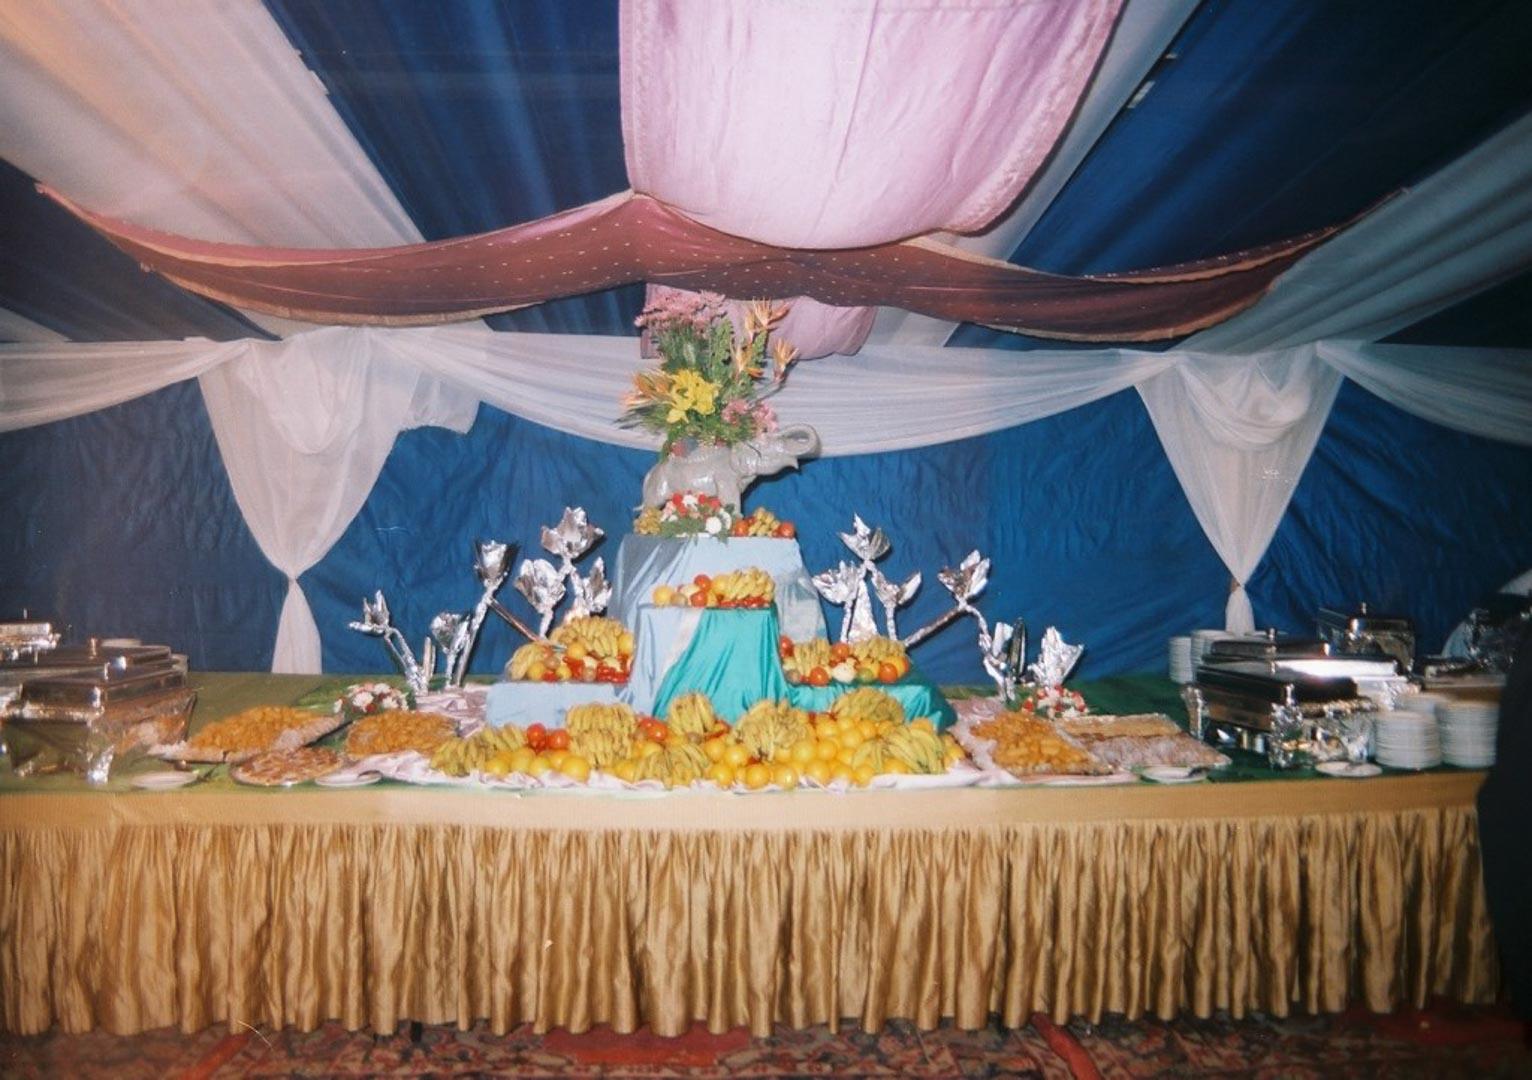 Raoucha Kandahar- Banquet Tent - 360 Solutions (2).jpg